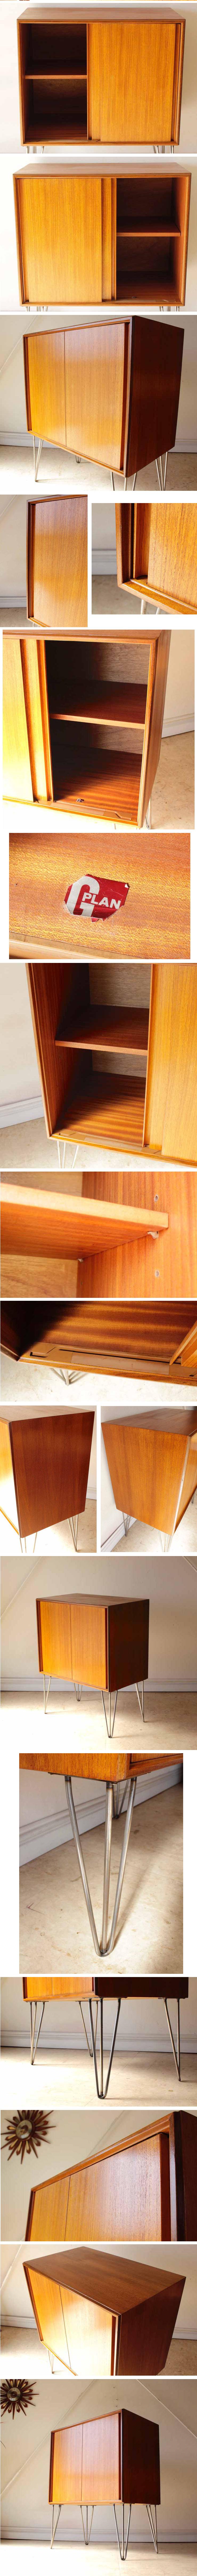 ジープラン・G-plan・キャビネット・アイアン・サイドボード・ビンテージ・家具・アンティーク・ミッドセンチュリー・輸入家具